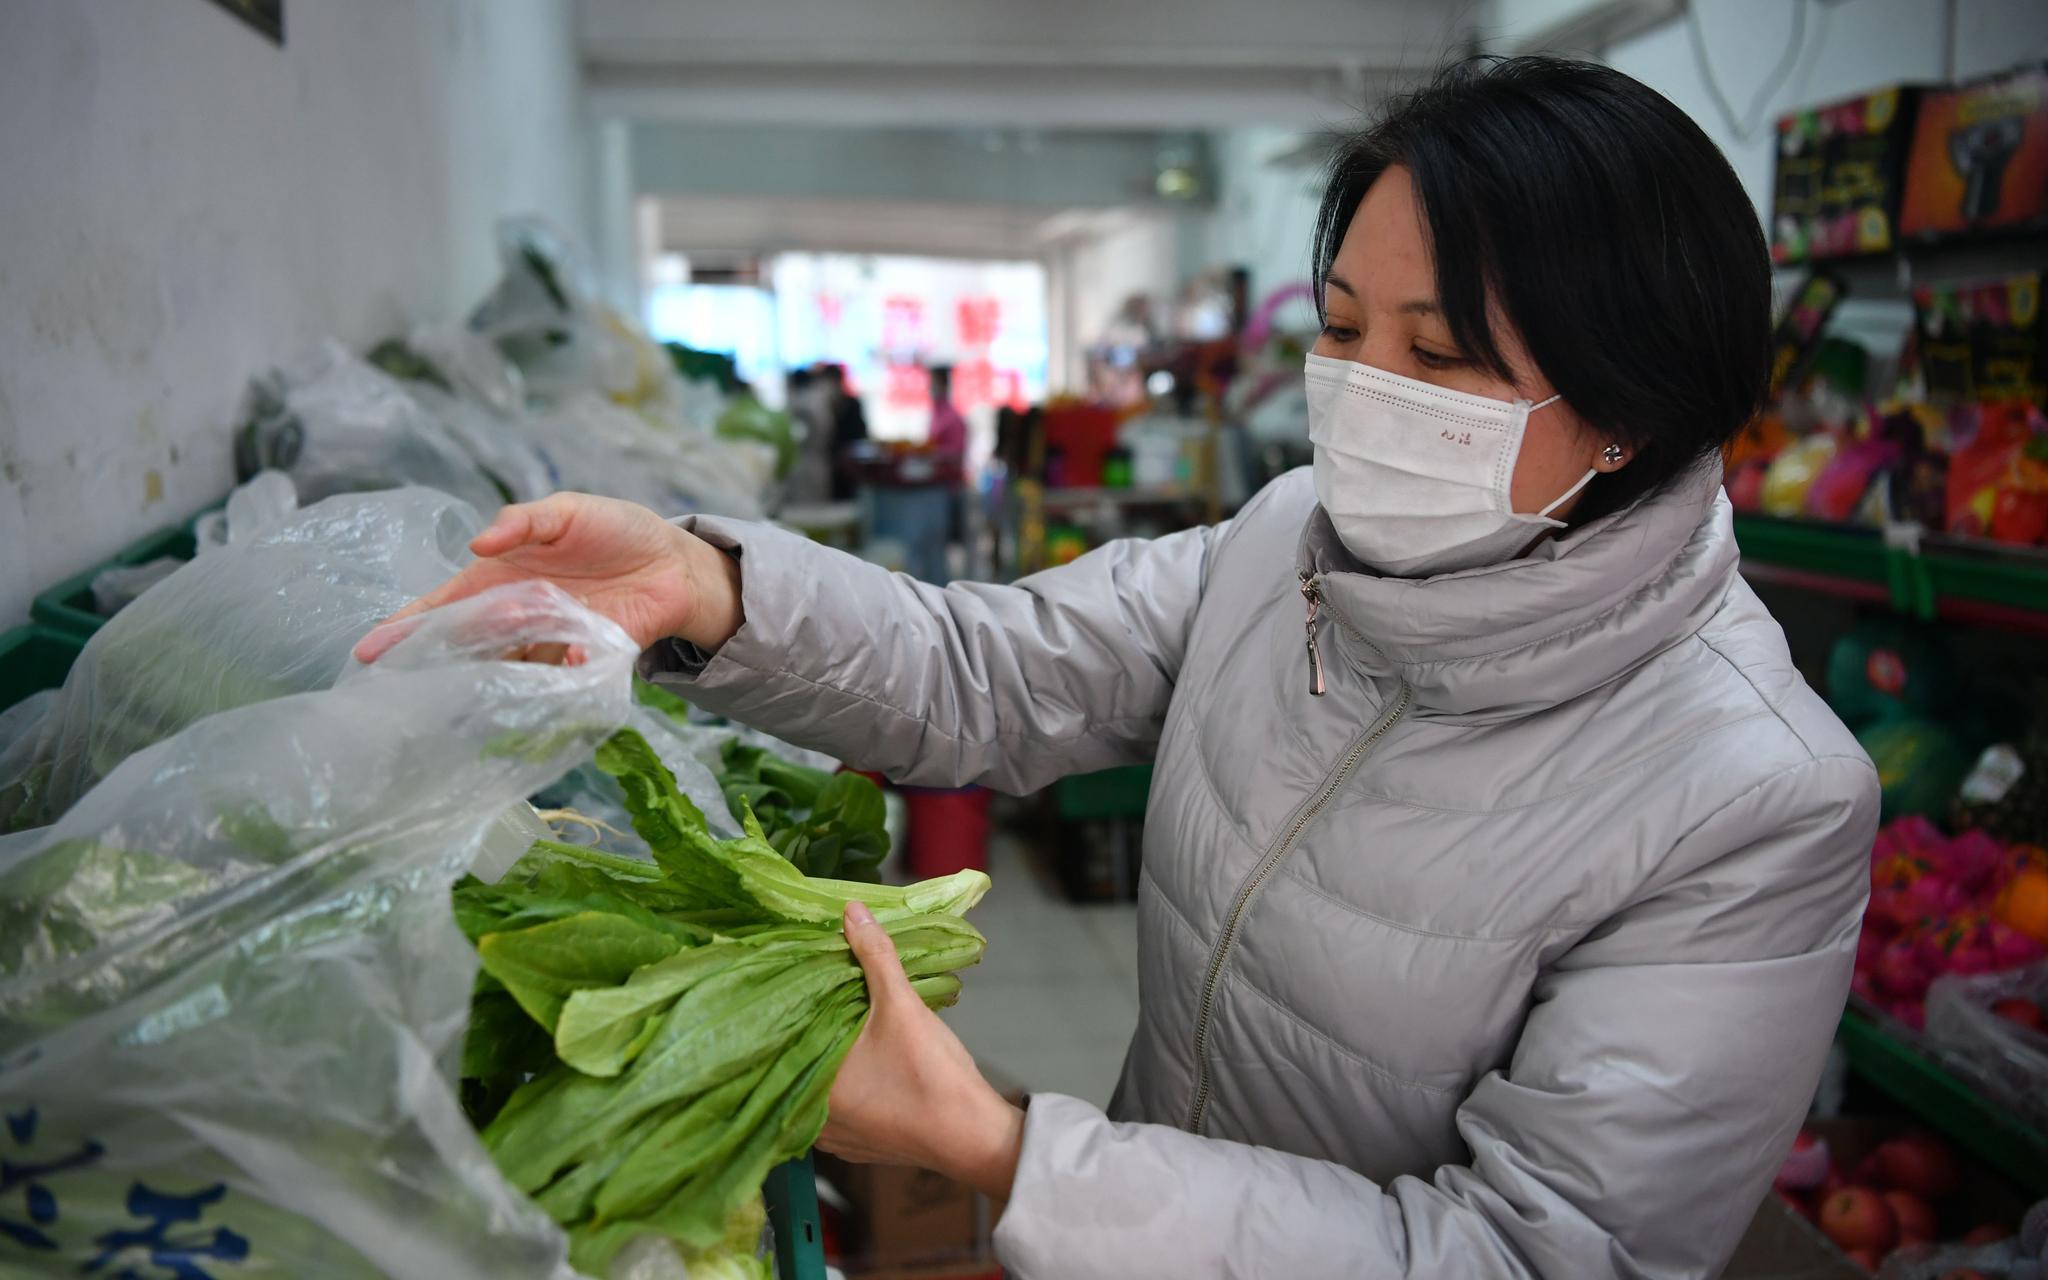 解决防疫期间买菜难题 大屯街道物业给居民上门送白菜图片